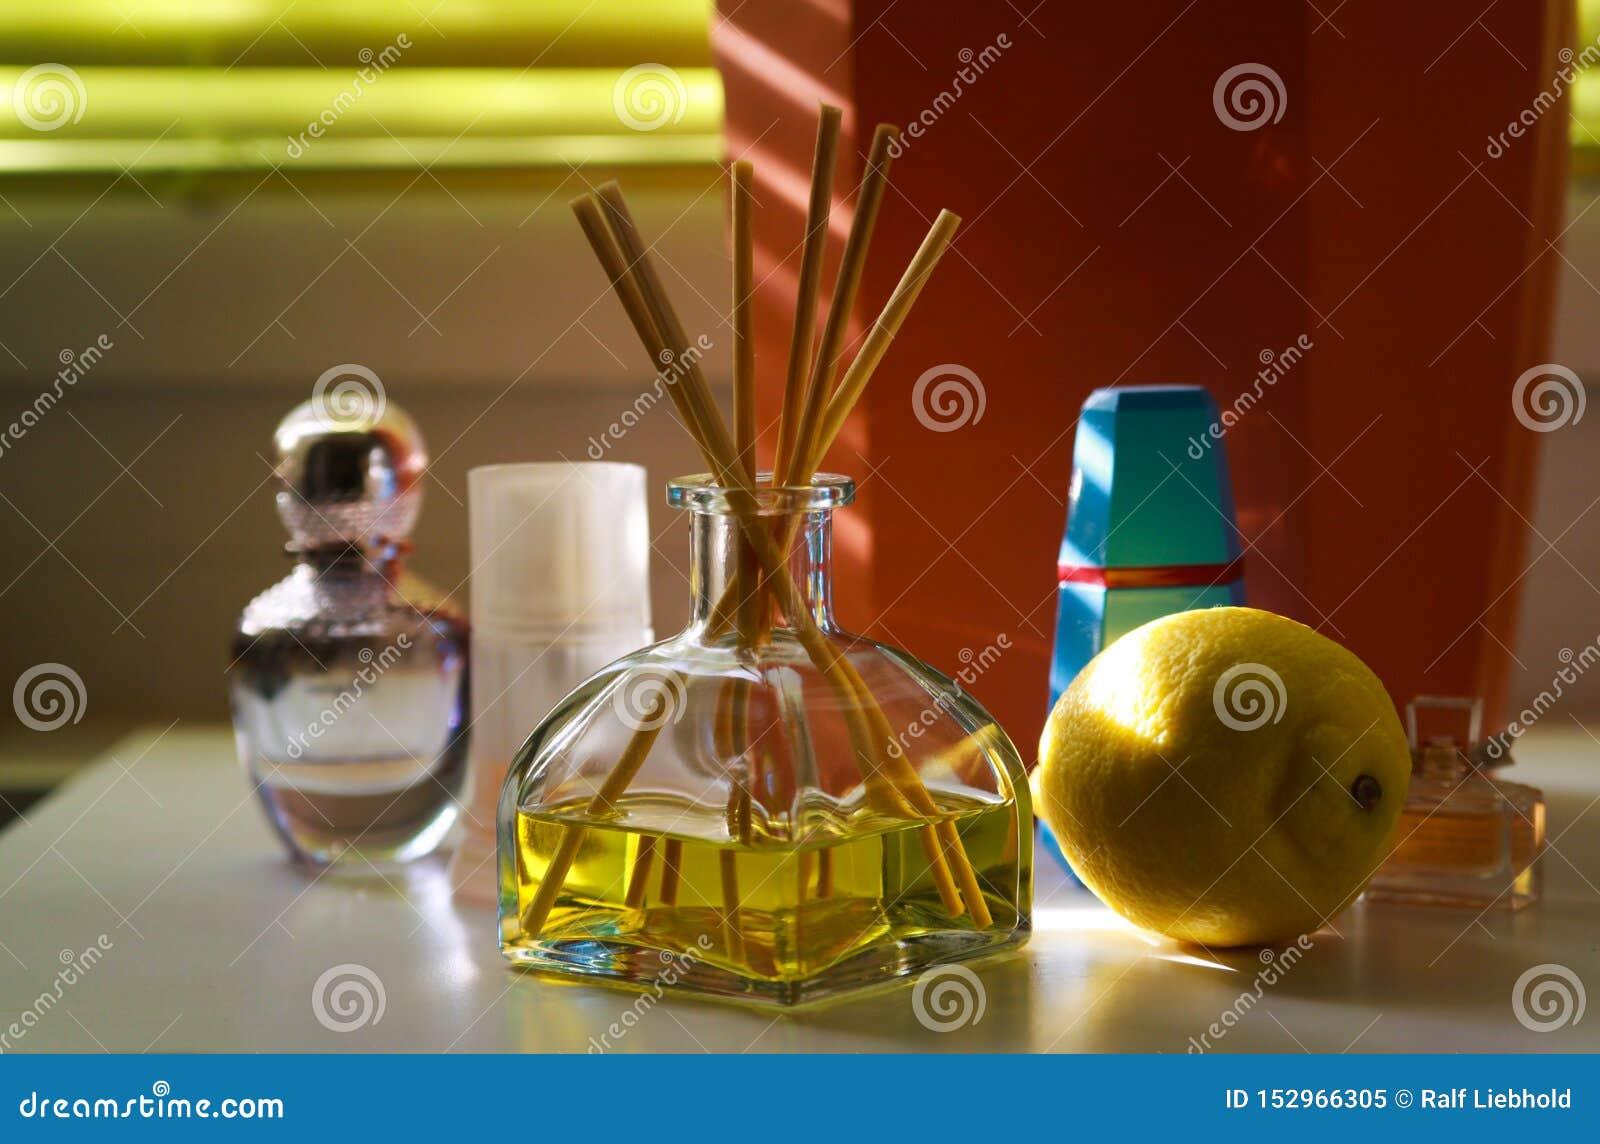 Duftbelüfterglas mit Reedstöcken zwischen Parfüm flacons, die natürlichen Geruch der Zitrone geben